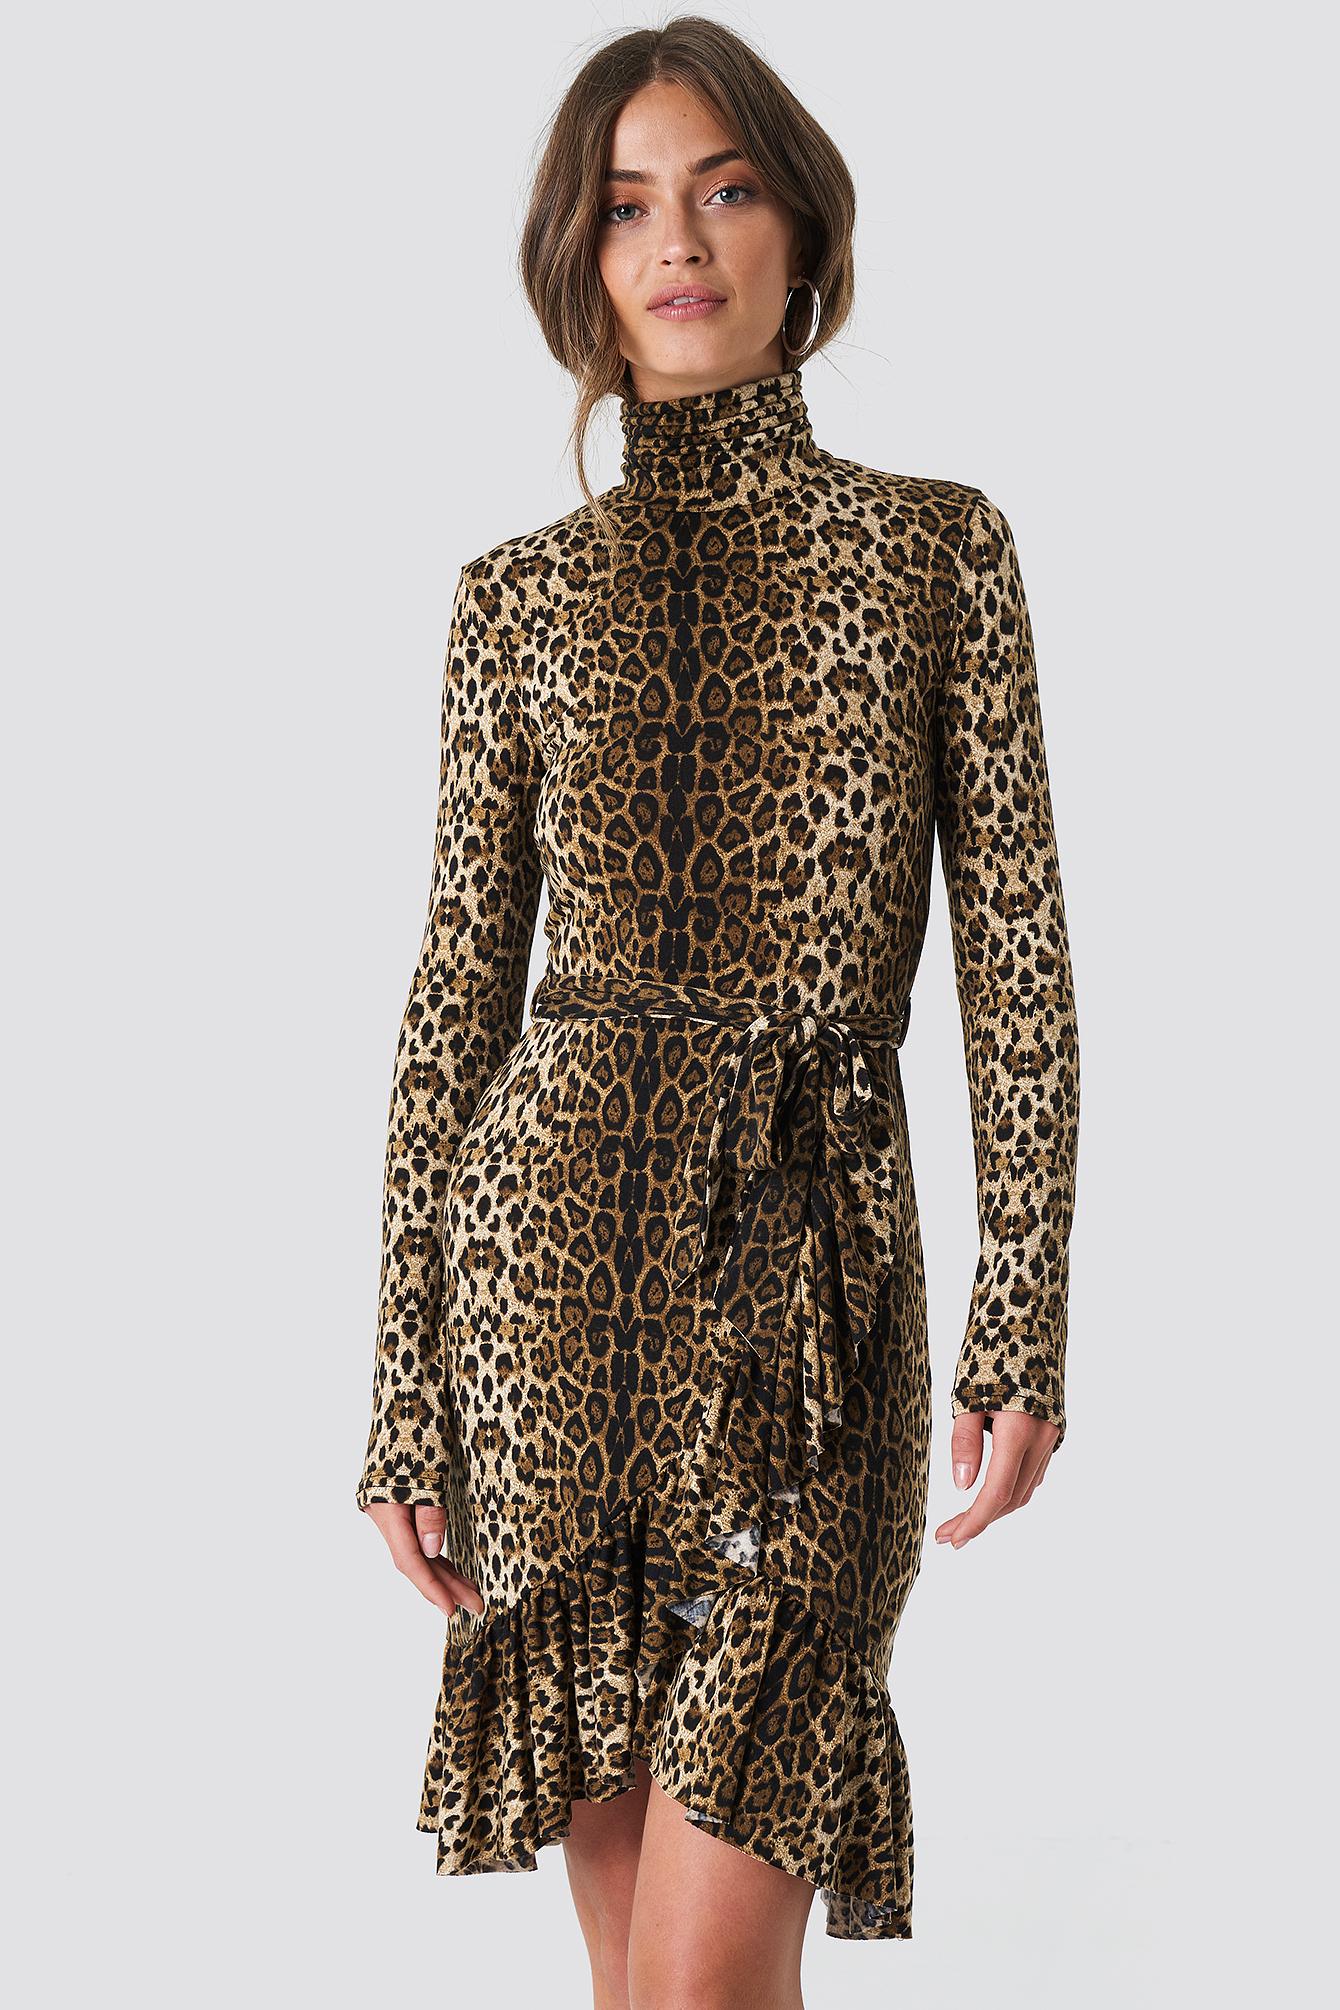 Leo Polo Dress NA-KD.COM